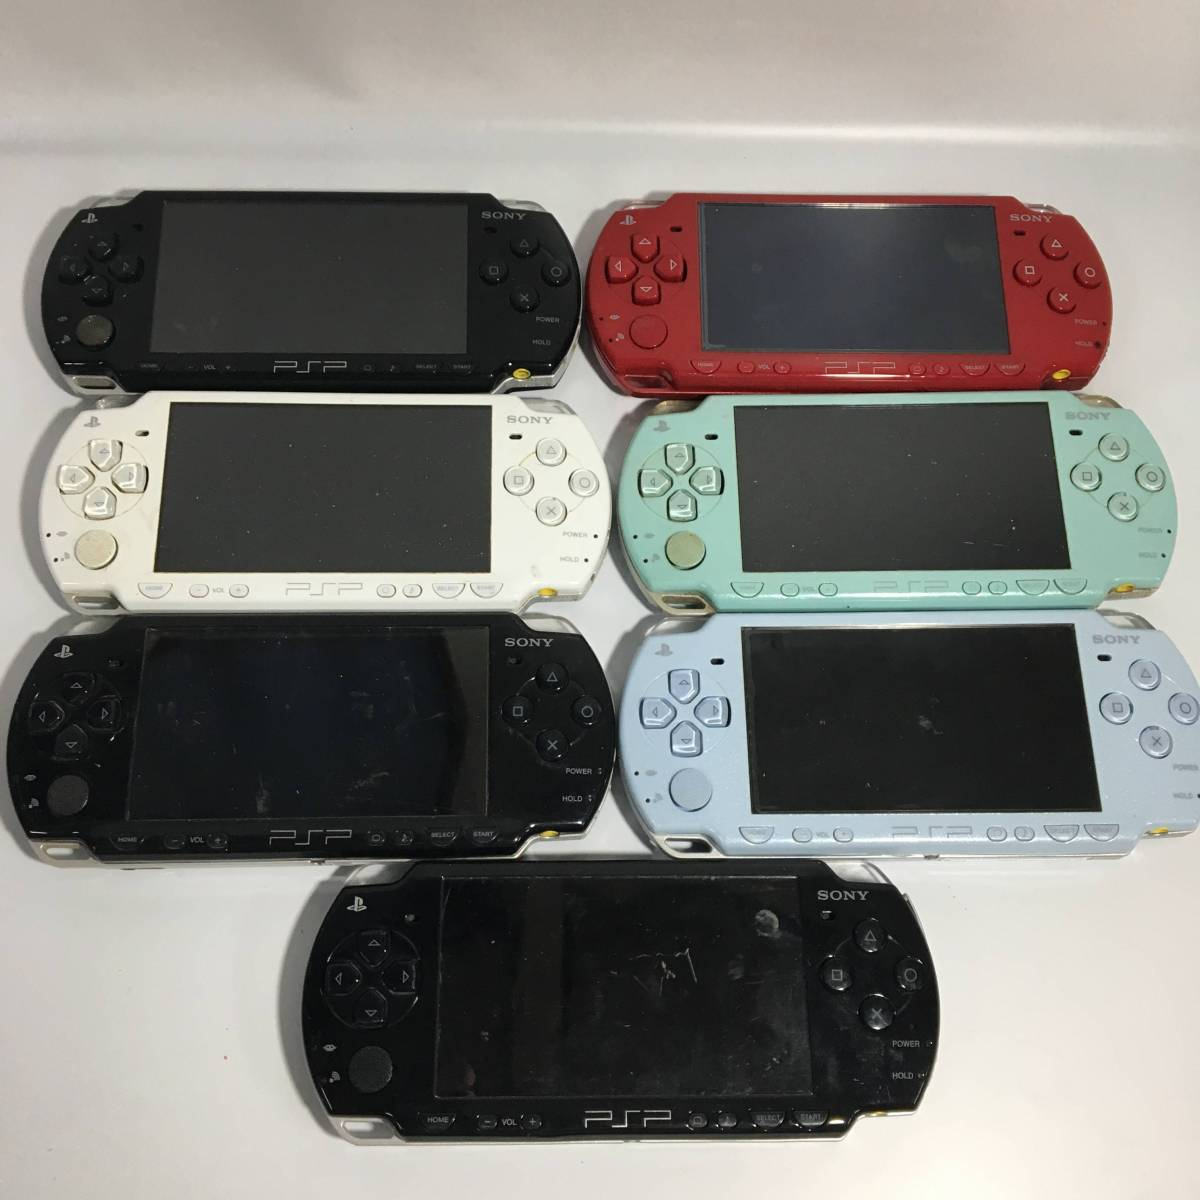 【ジャンク】PSP 本体 まとめ セット 1000 2000 3000 計22台 中古 ゲーム機 ソフト_画像4